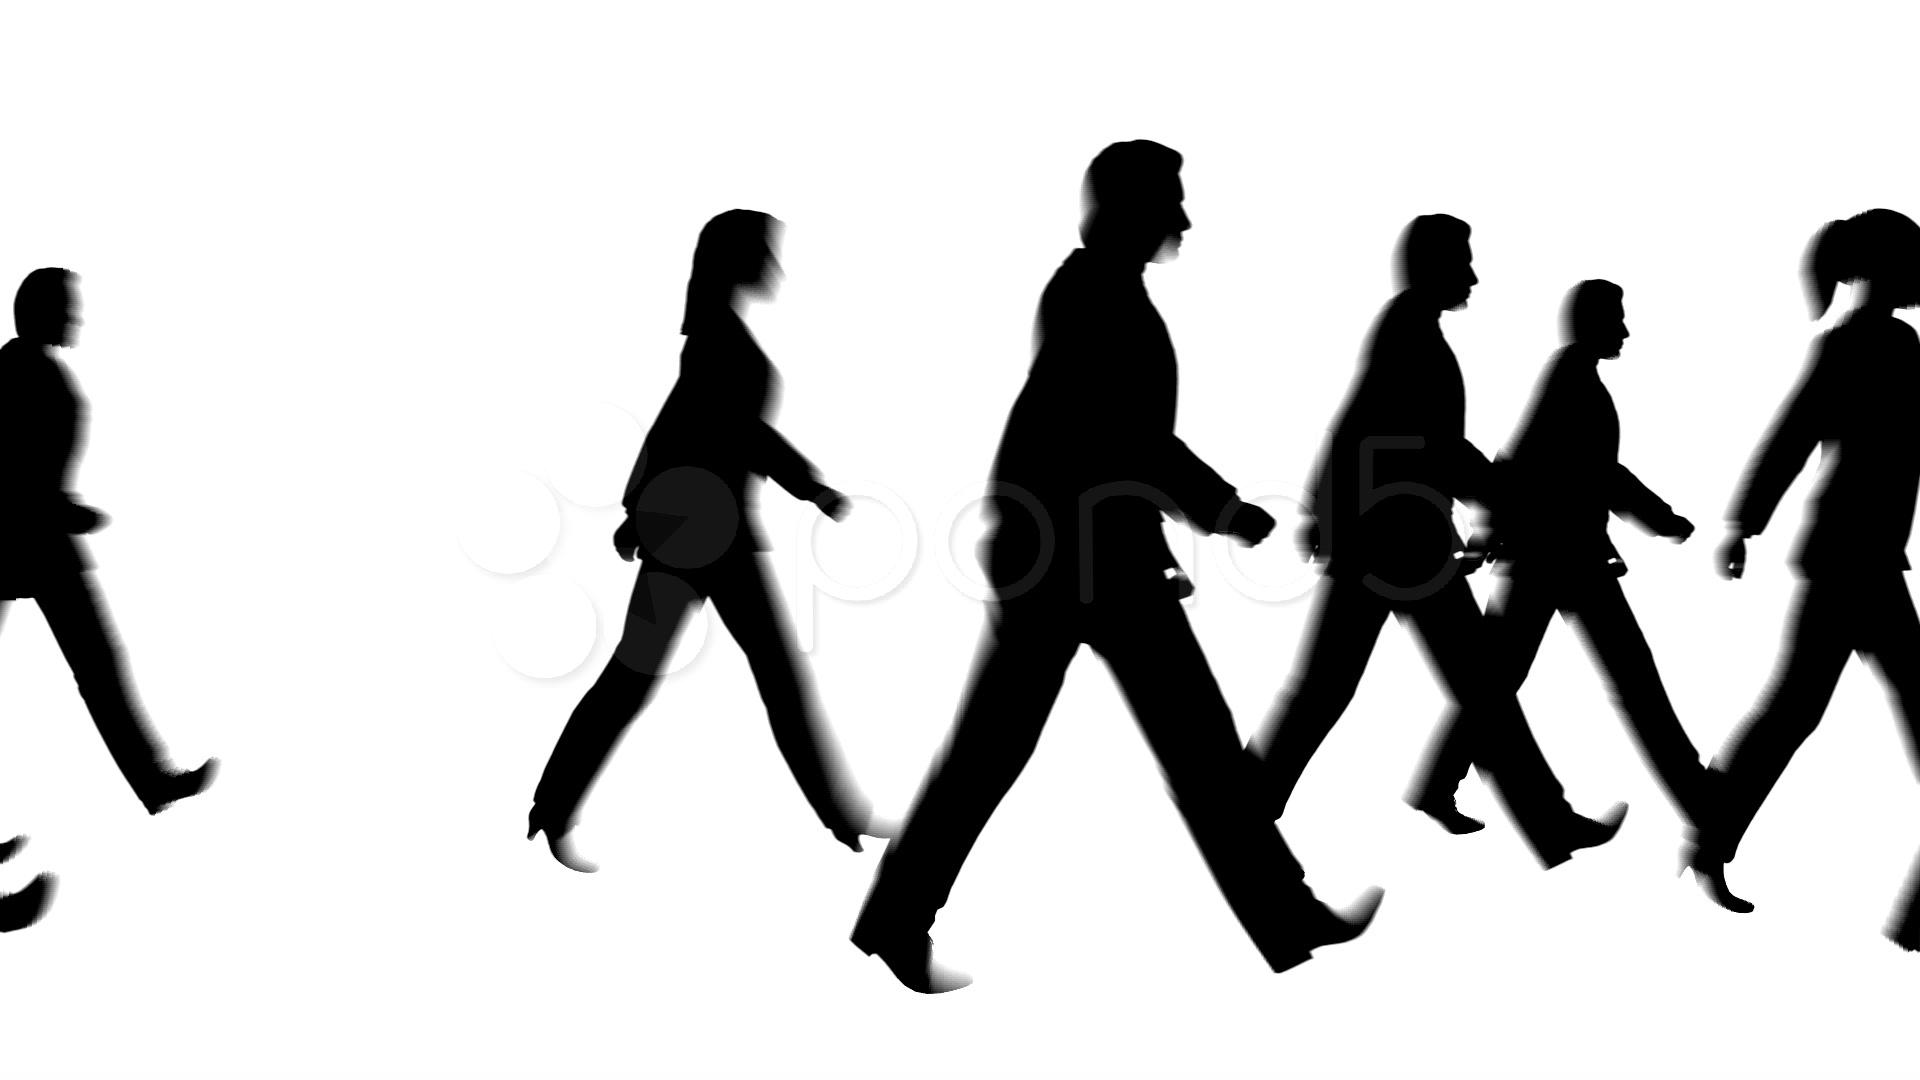 1920x1080 Walking People Silhouette Pedestrian ~ Video